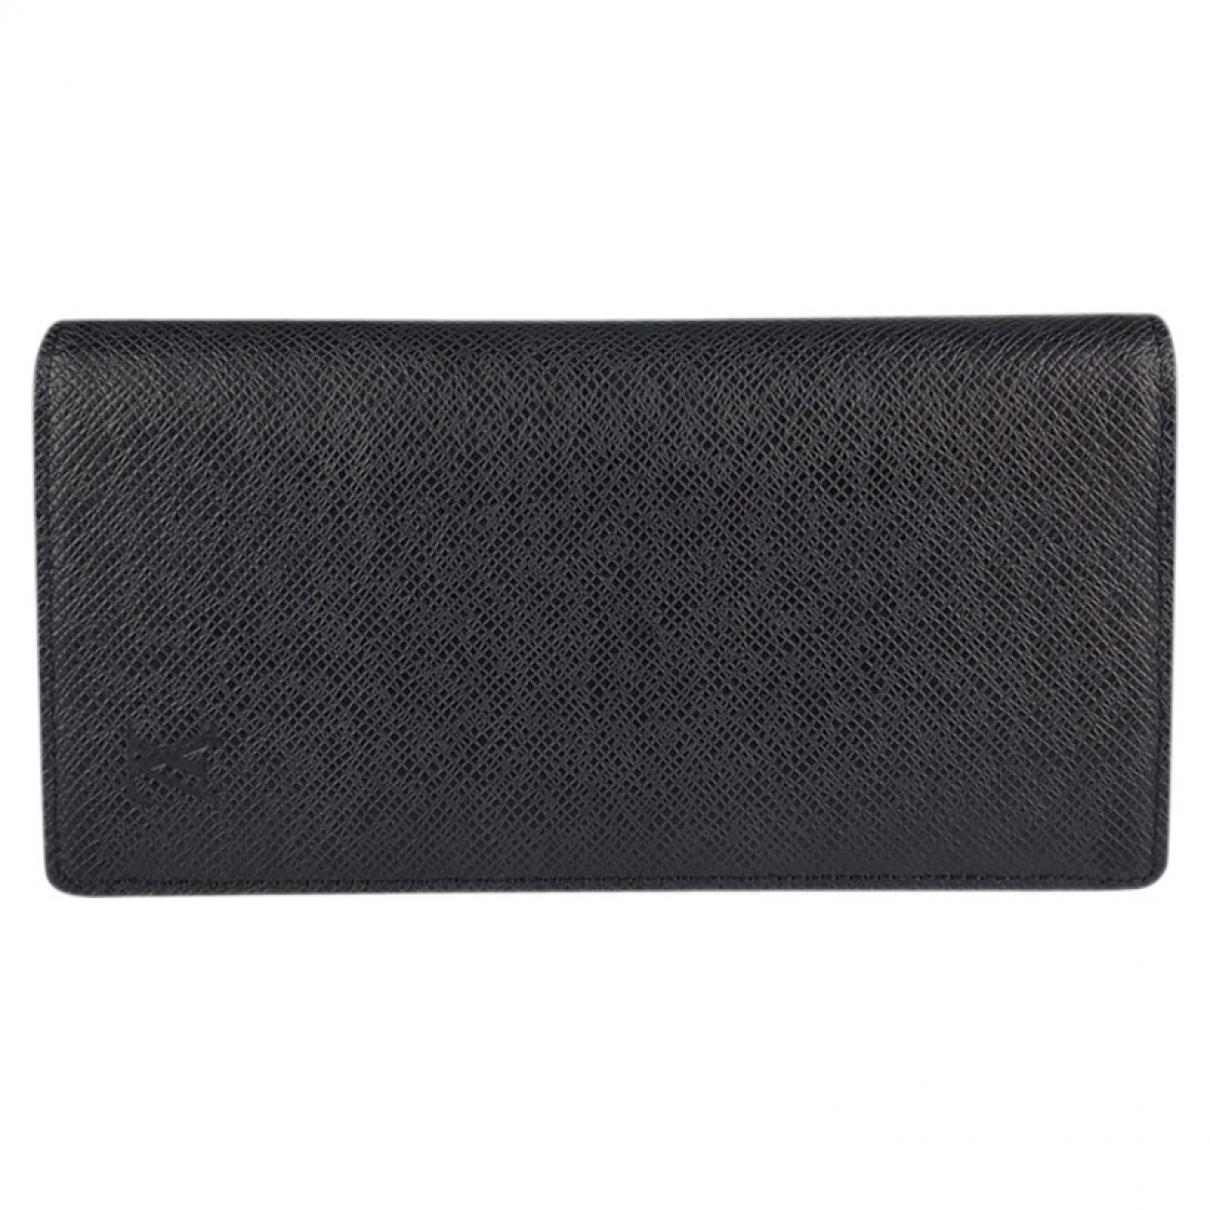 Louis Vuitton - Petite maroquinerie Brazza pour homme en cuir